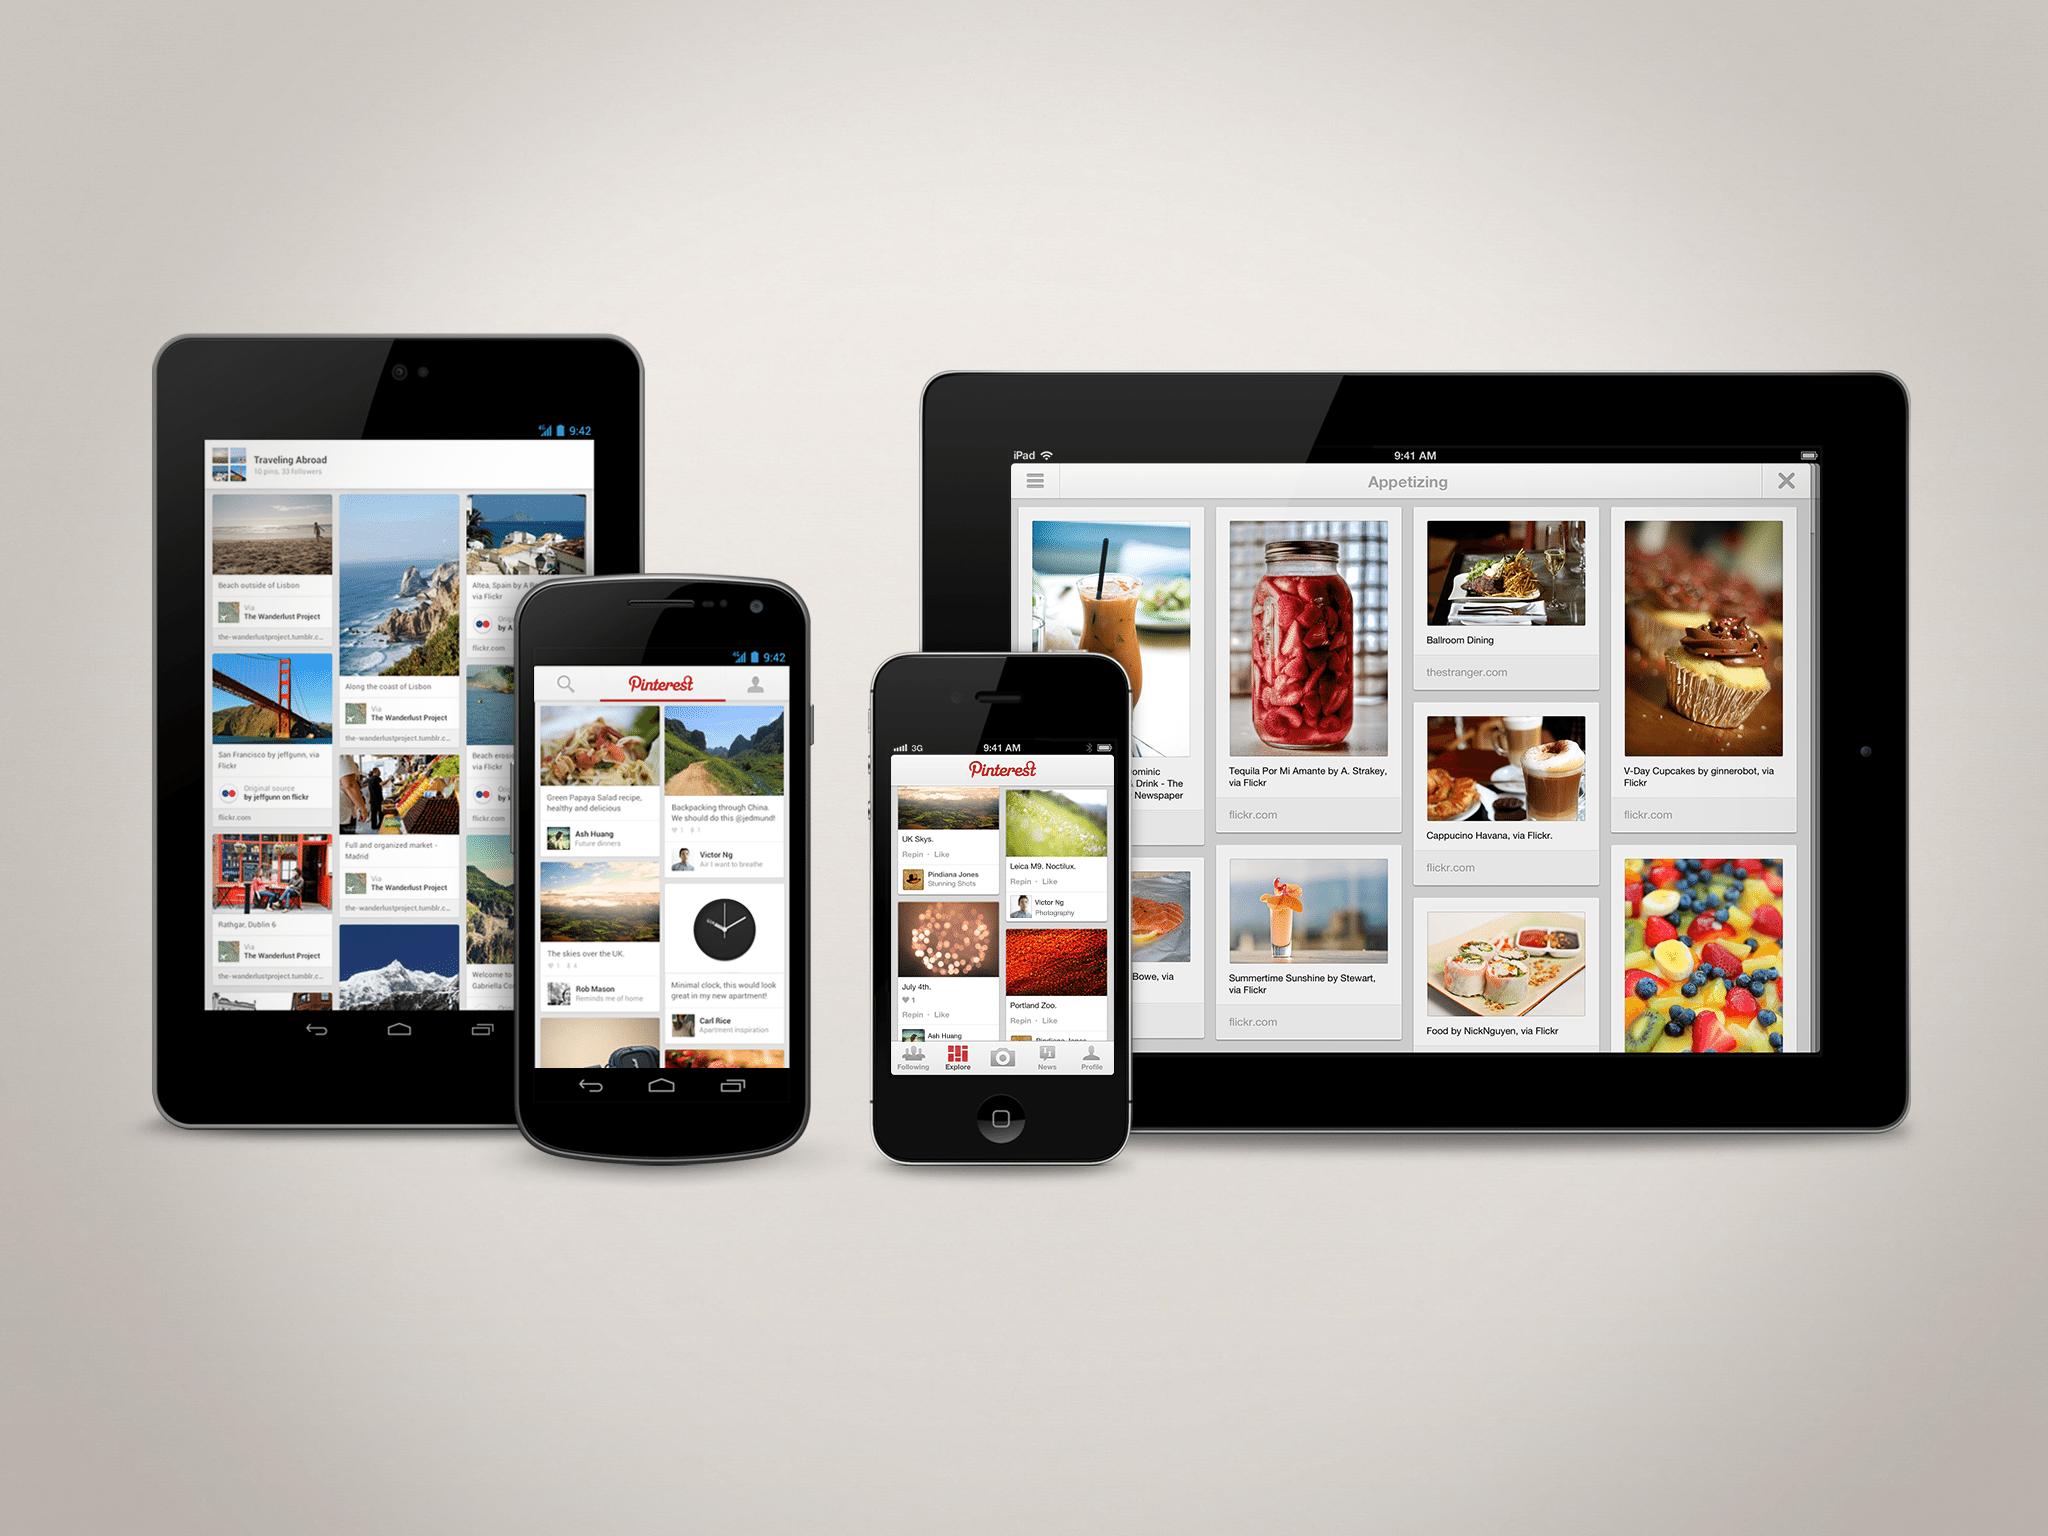 дизайн мобильного приложения фото